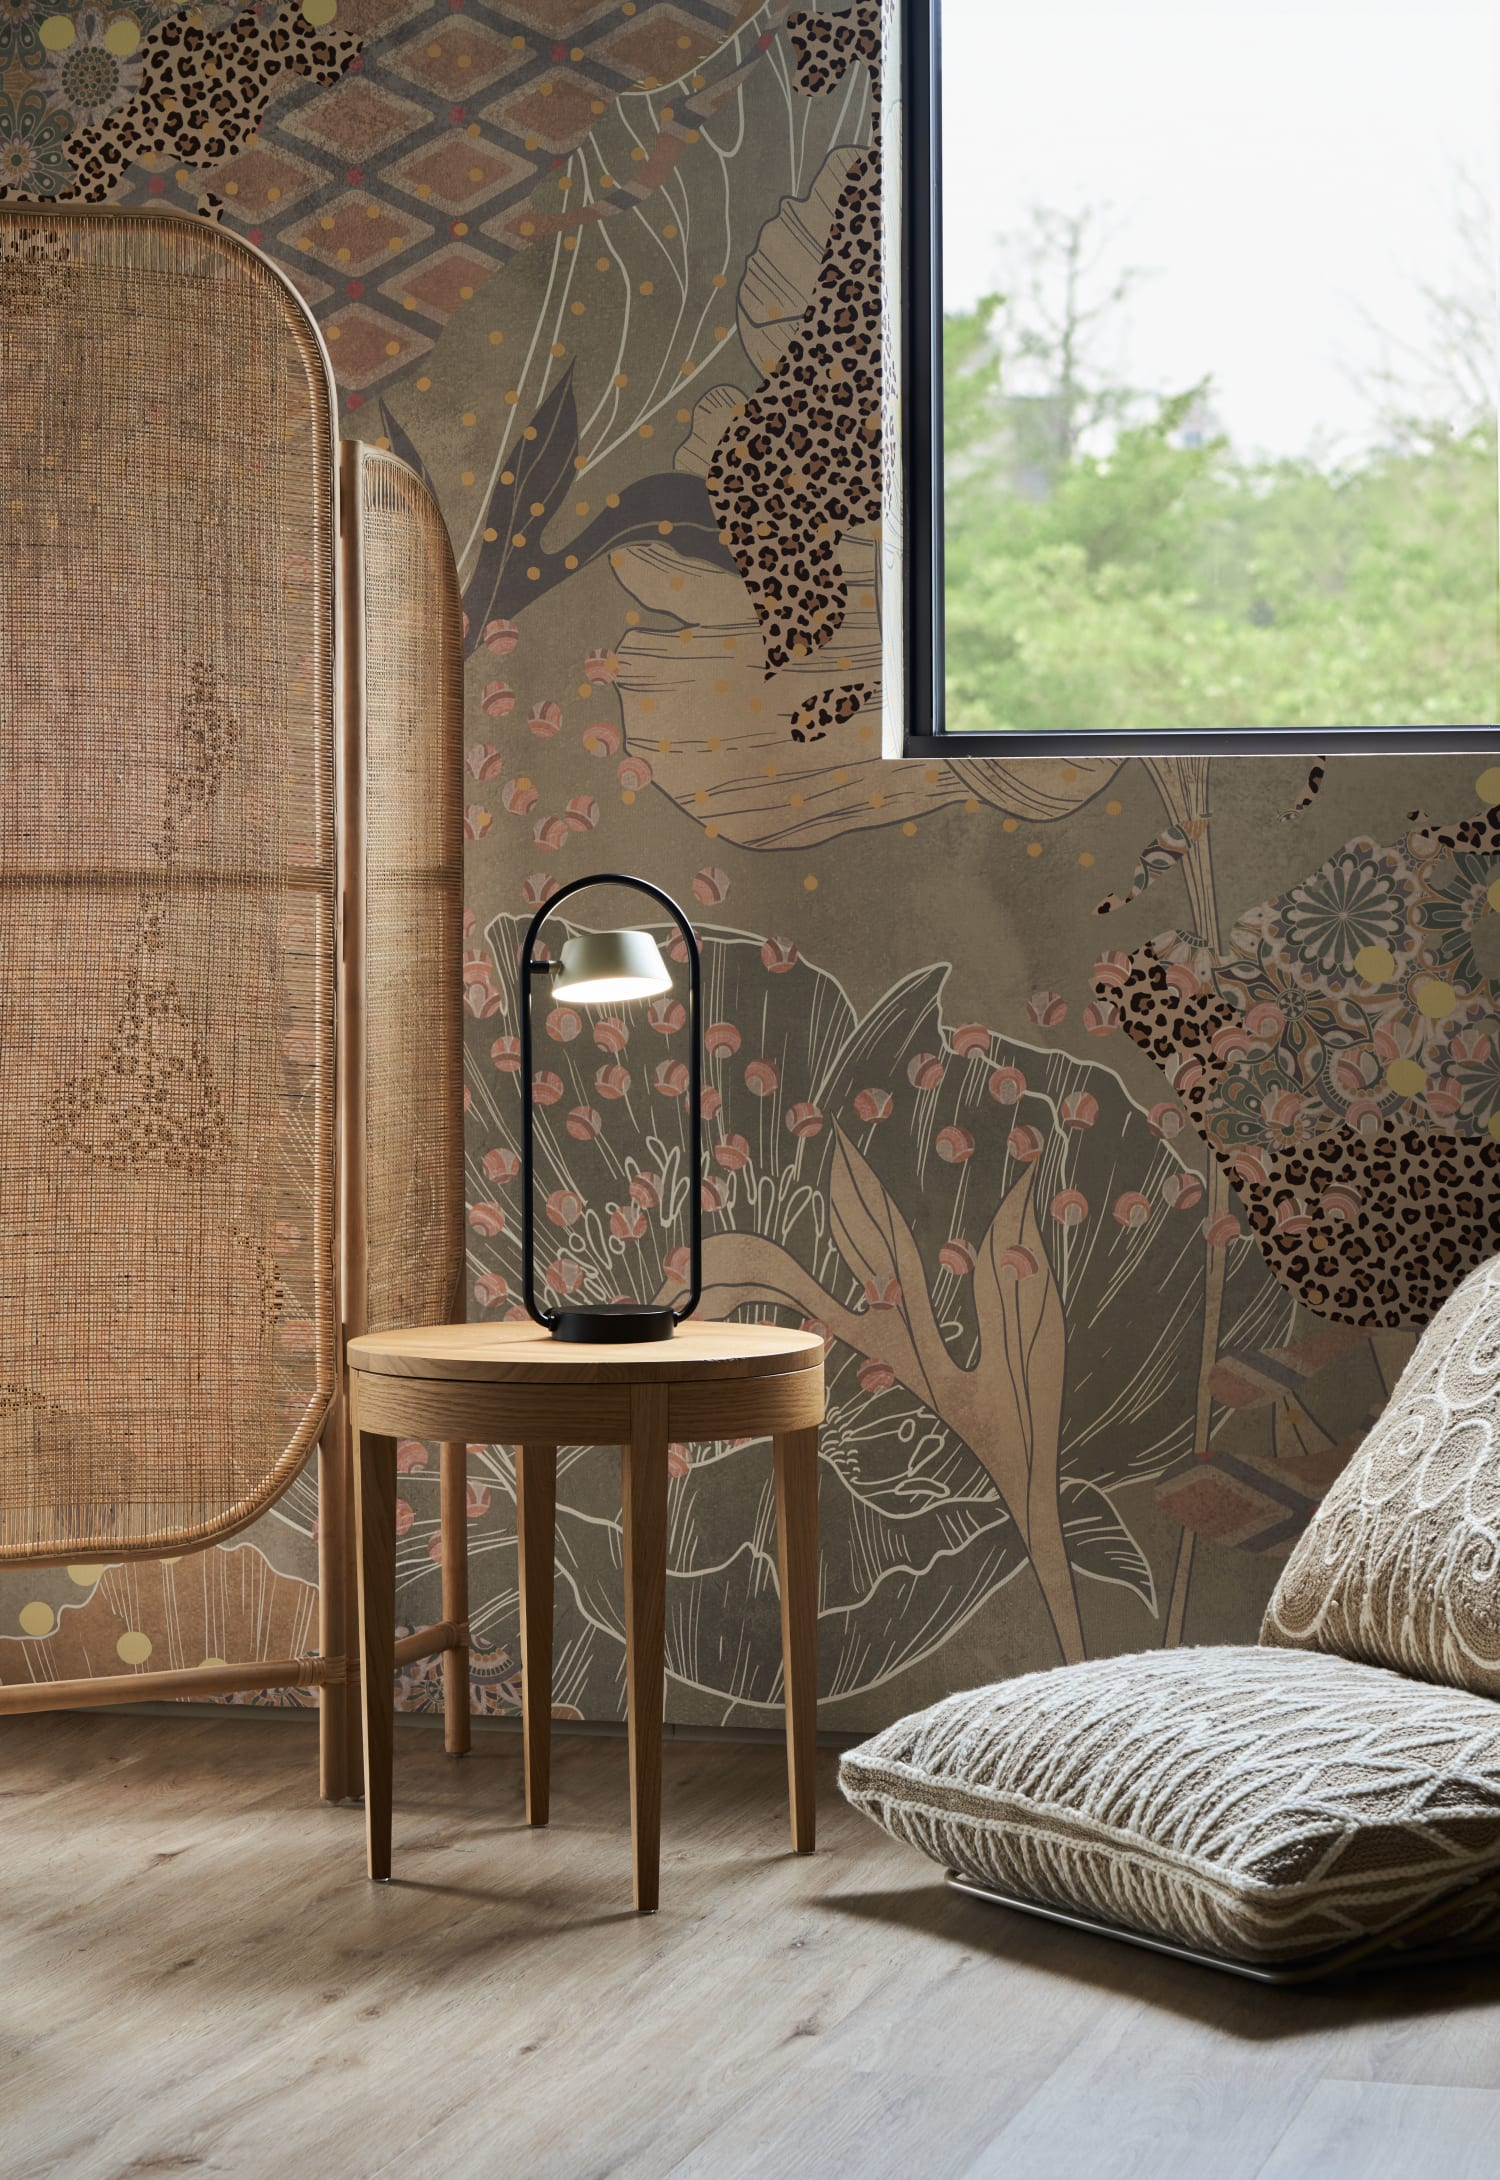 Sleek modern bedroom lamp